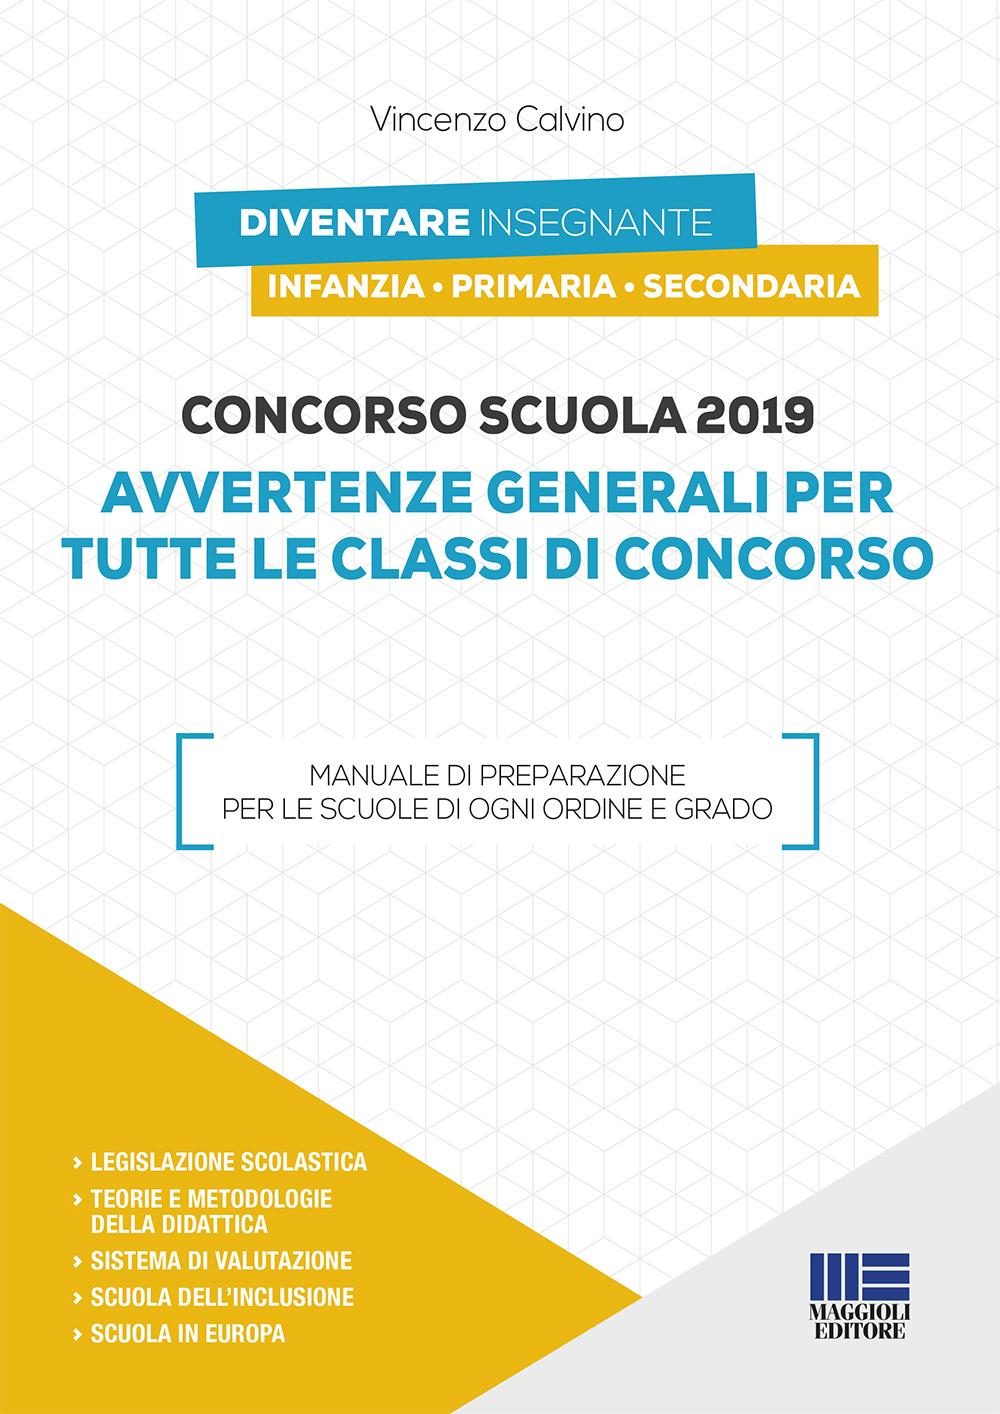 Concorso scuola 2019. Manuale per tutte le classi